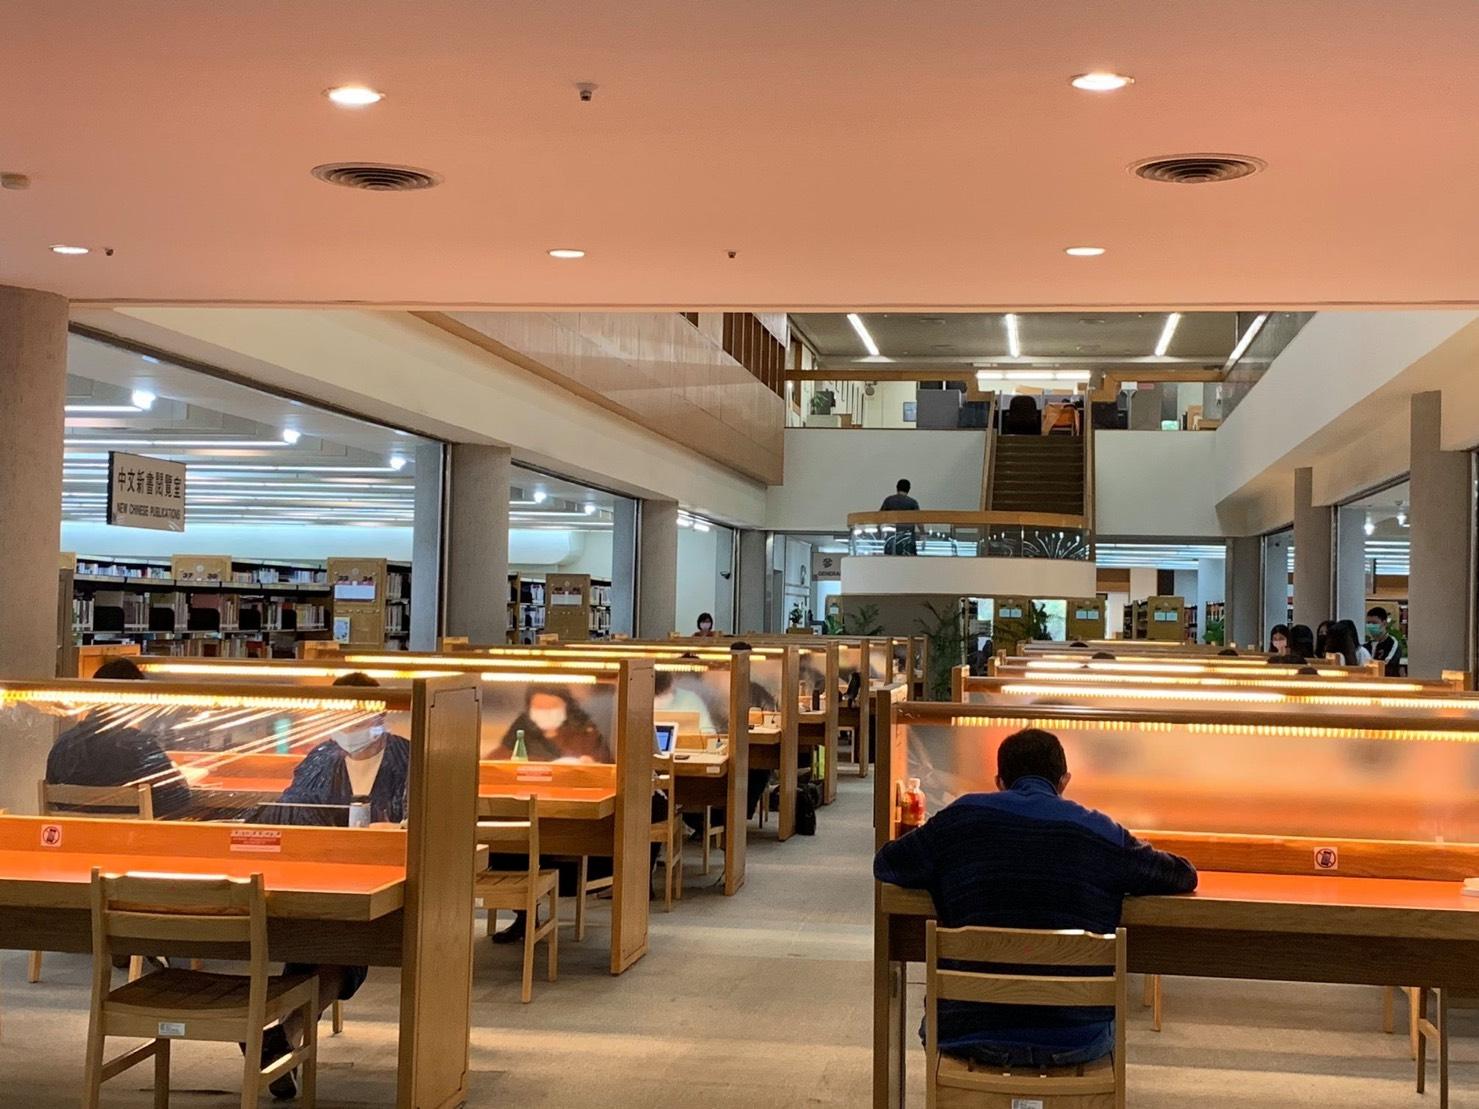 國家圖書館在席位間加裝透明隔板1_大圖